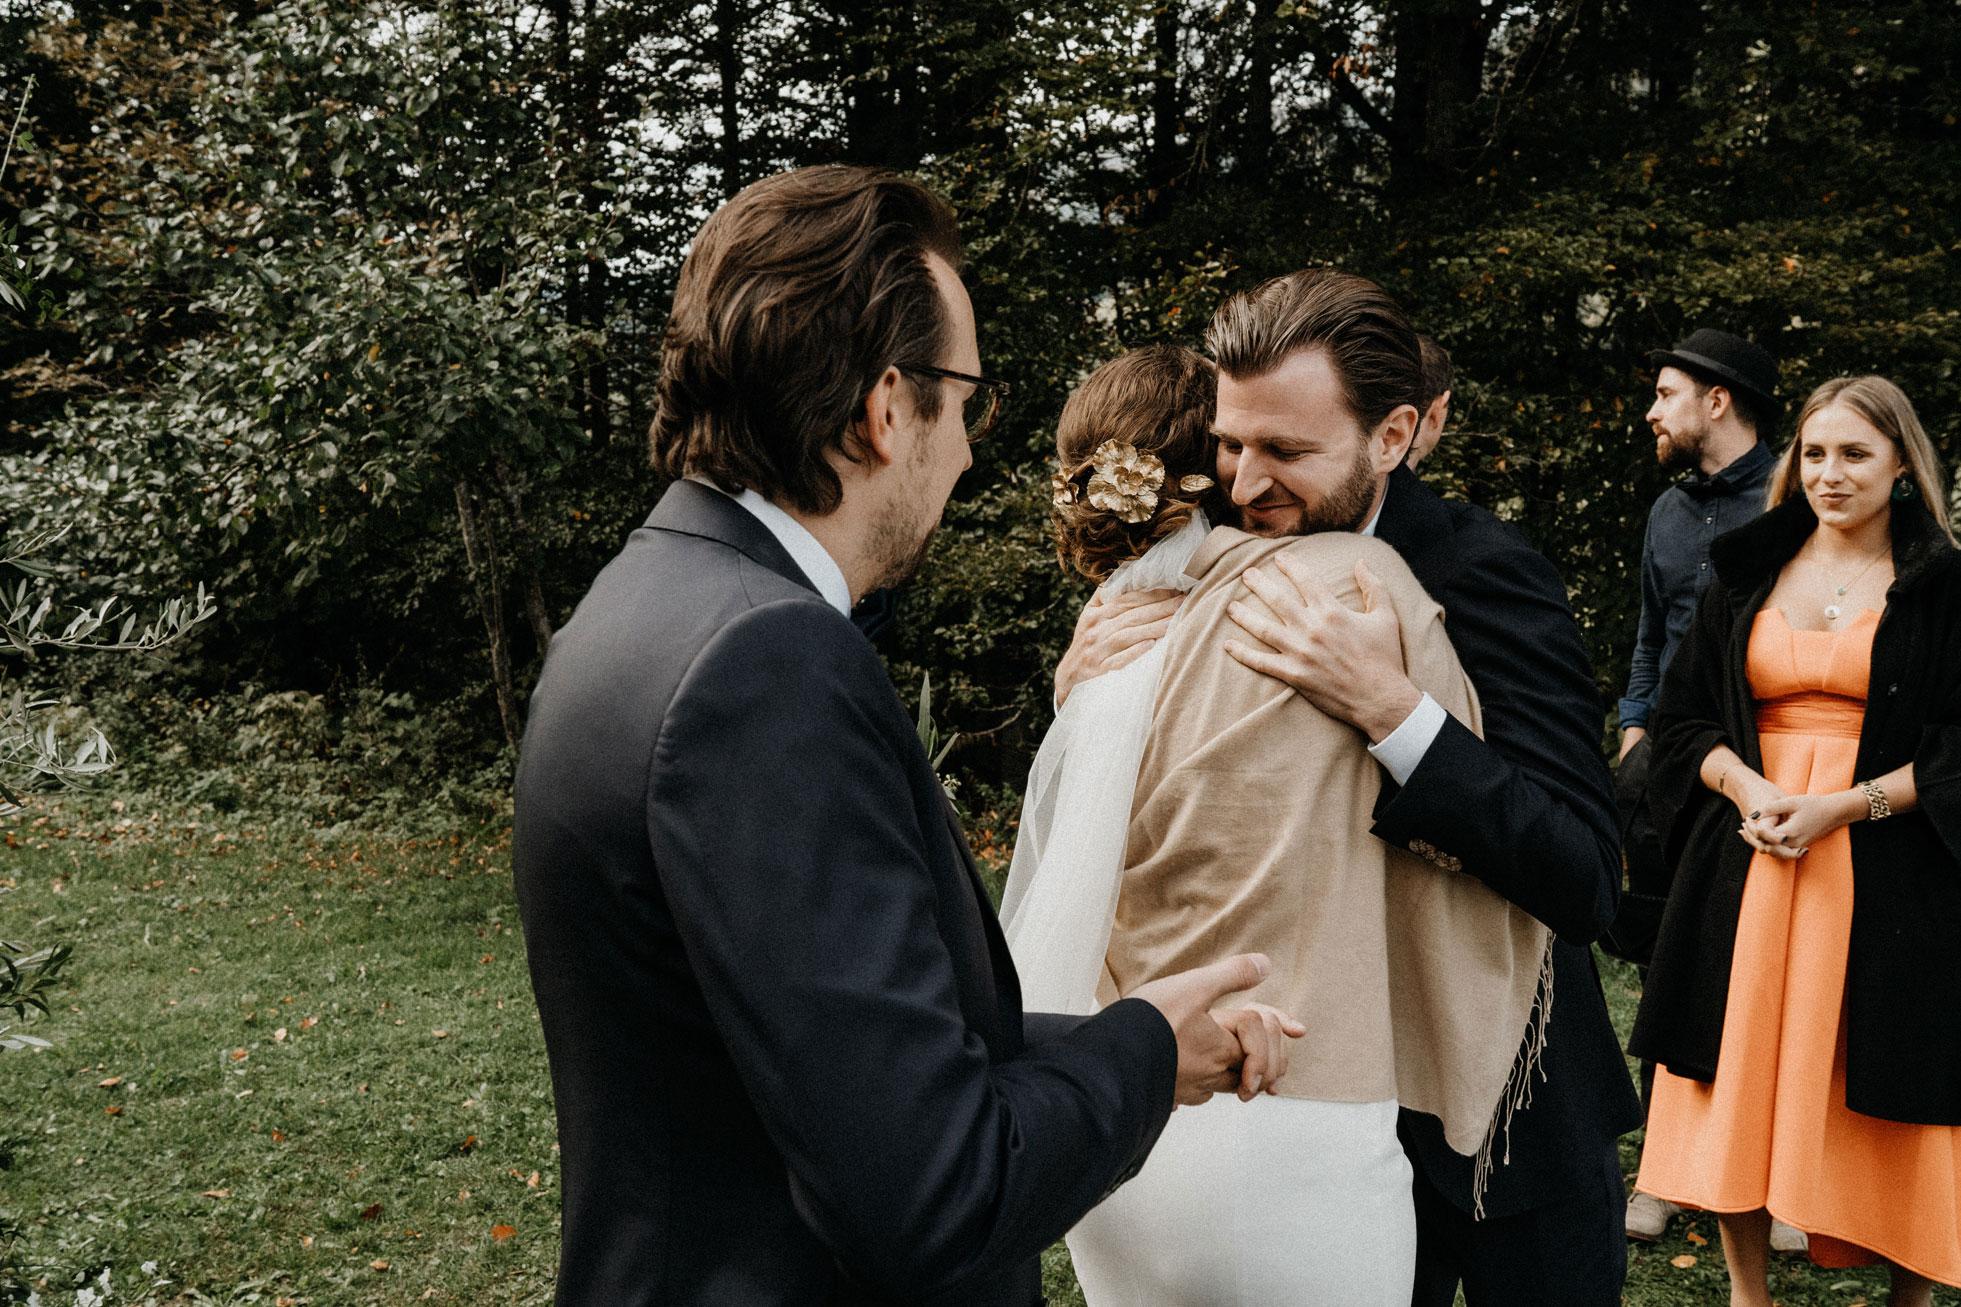 Hochzeit_Claire_Manuel_Villa_Maund_Daniel_Jenny-311.jpg